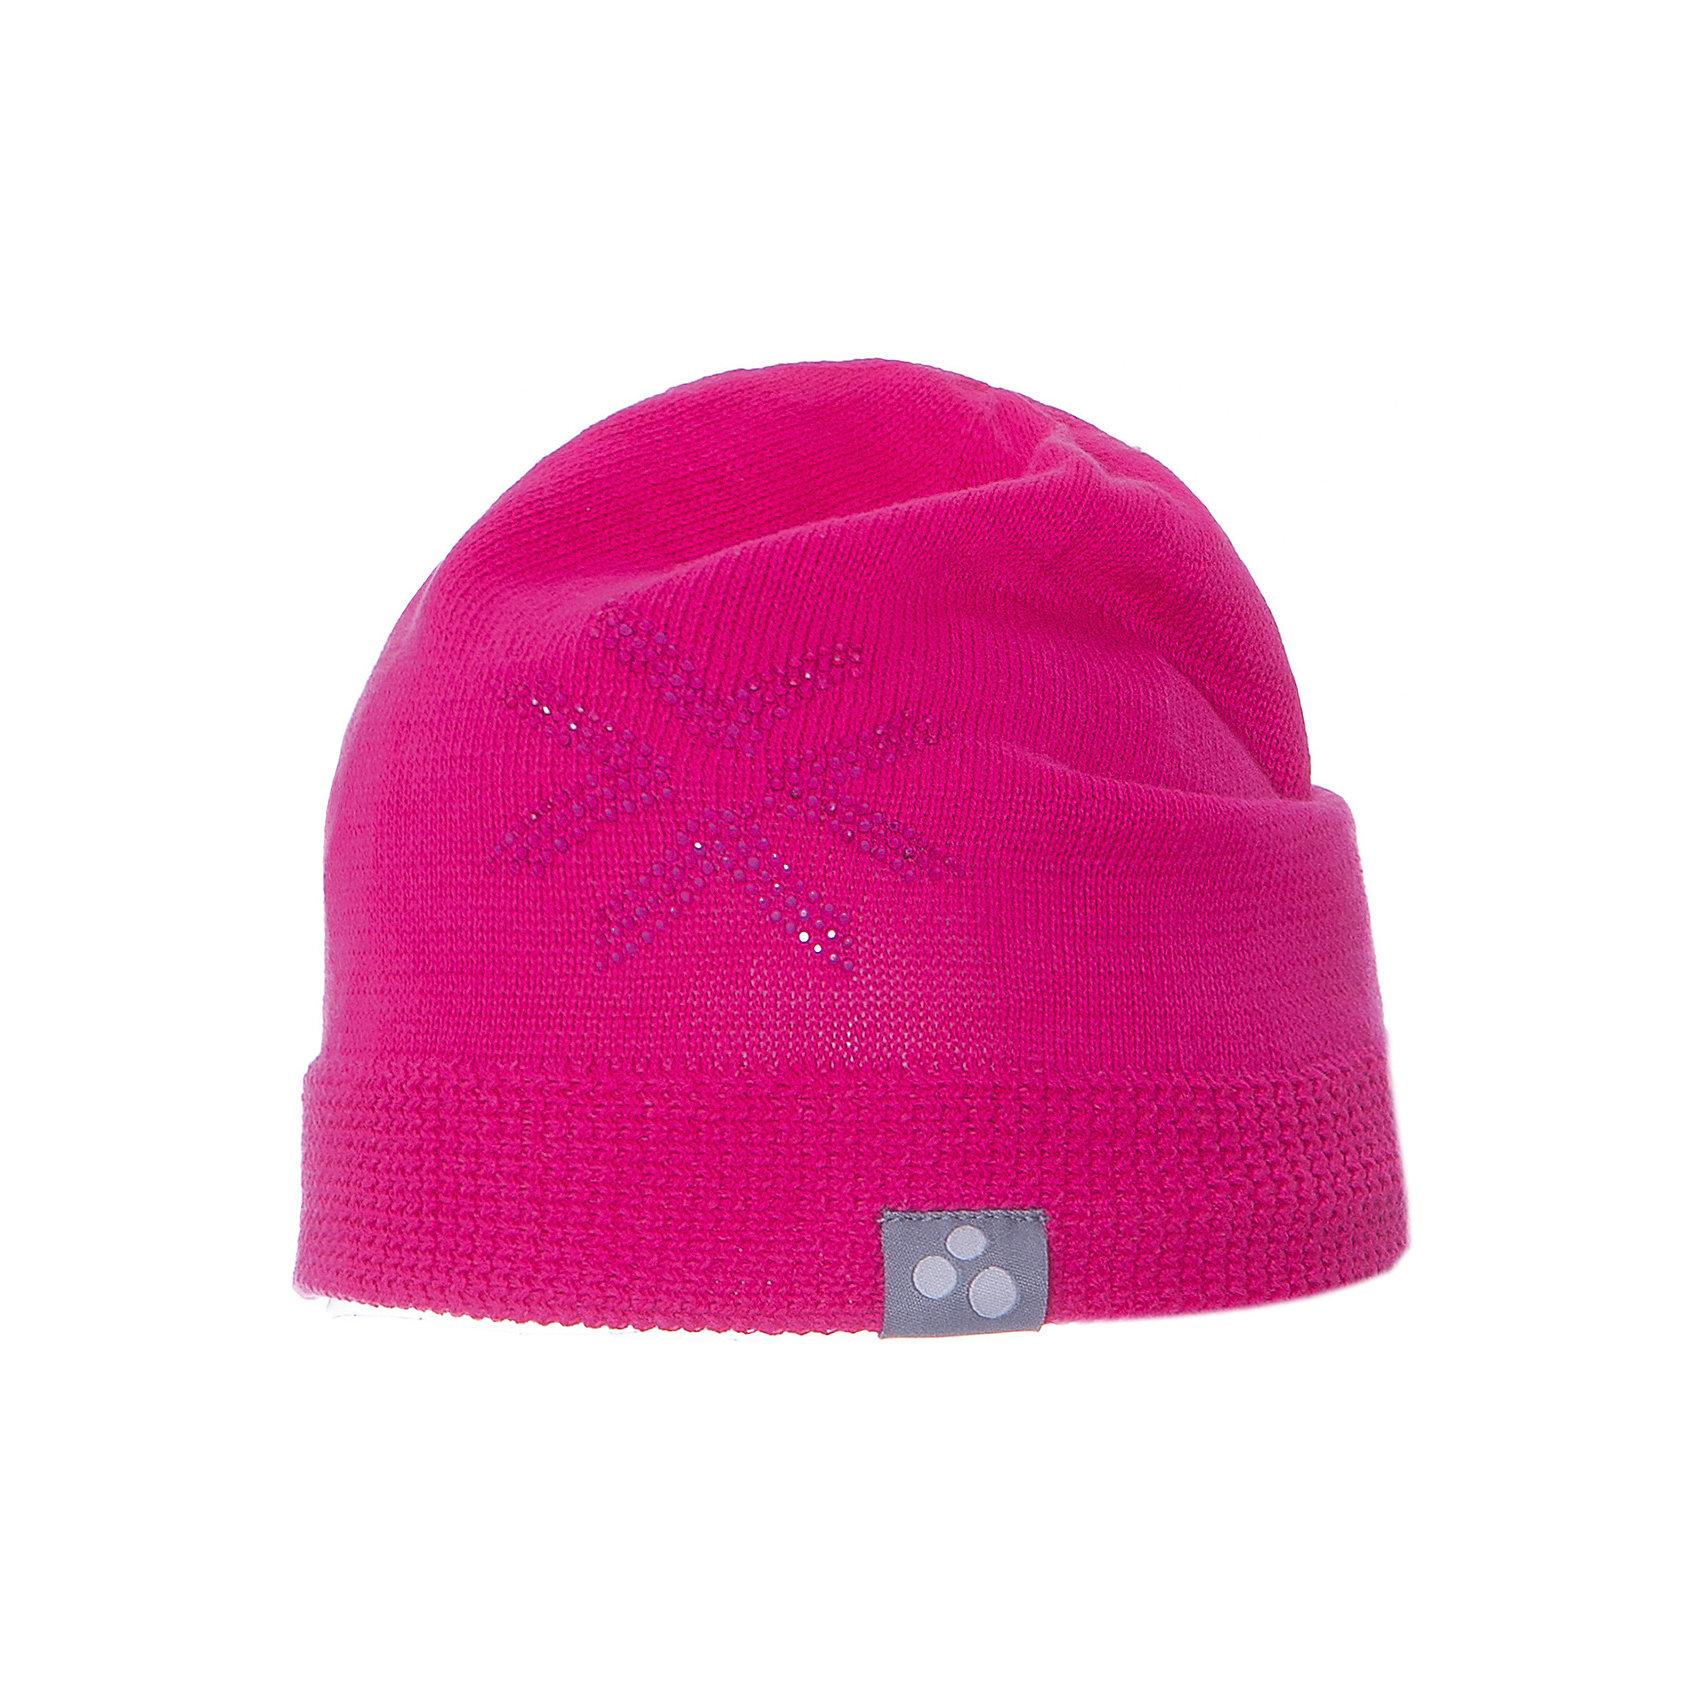 Шапка ERIKA для девочки HuppaГоловные уборы<br>Характеристики товара:<br><br>• цвет: розовый<br>• состав: 100% хлопок <br>• температурный режим: от 0°до +10°С<br>• демисезонная<br>• мягкая резинка<br>• принт<br>• логотип<br>• комфортная посадка<br>• мягкий материал<br>• коллекция: весна-лето 2017<br>• страна бренда: Эстония<br><br>Такая модная шапка обеспечит детям тепло и комфорт. Она сделана из приятного на ощупь дышащего и гипоаллергенного хлопка. Шапка очень симпатично смотрится, а дизайн и расцветка позволяют сочетать её с различной одеждой. Модель была разработана специально для детей.<br><br>Одежда и обувь от популярного эстонского бренда Huppa - отличный вариант одеть ребенка можно и комфортно. Вещи, выпускаемые компанией, качественные, продуманные и очень удобные. Для производства изделий используются только безопасные для детей материалы. Продукция от Huppa порадует и детей, и их родителей!<br><br>Шапку ERIKA от бренда Huppa (Хуппа) можно купить в нашем интернет-магазине.<br><br>Ширина мм: 89<br>Глубина мм: 117<br>Высота мм: 44<br>Вес г: 155<br>Цвет: фиолетовый<br>Возраст от месяцев: 144<br>Возраст до месяцев: 168<br>Пол: Женский<br>Возраст: Детский<br>Размер: 57,55-57,51-53,47-49<br>SKU: 5347750